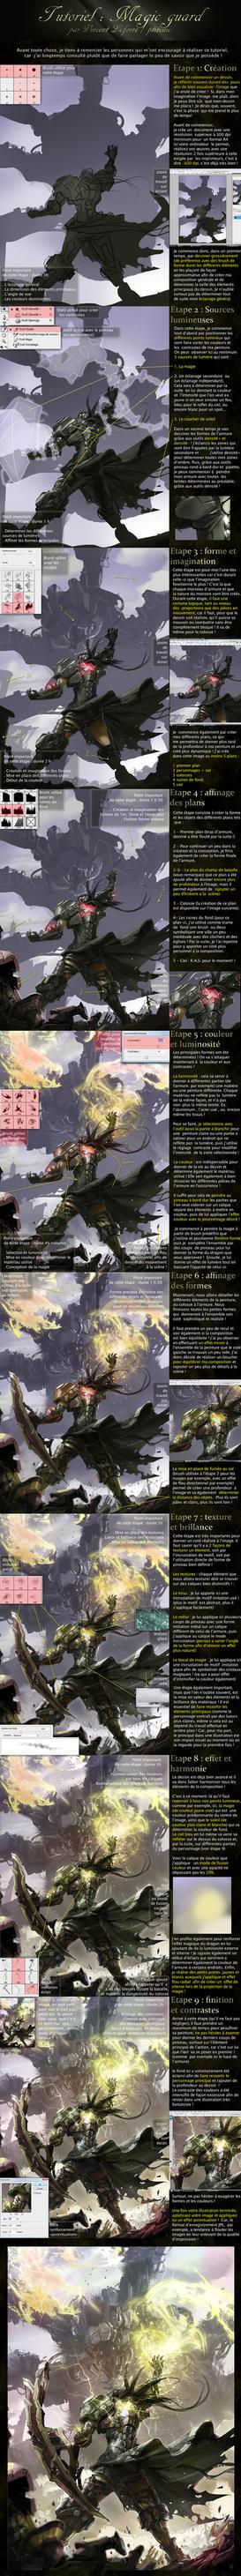 tutorial: magic guard francais by ptitvinc